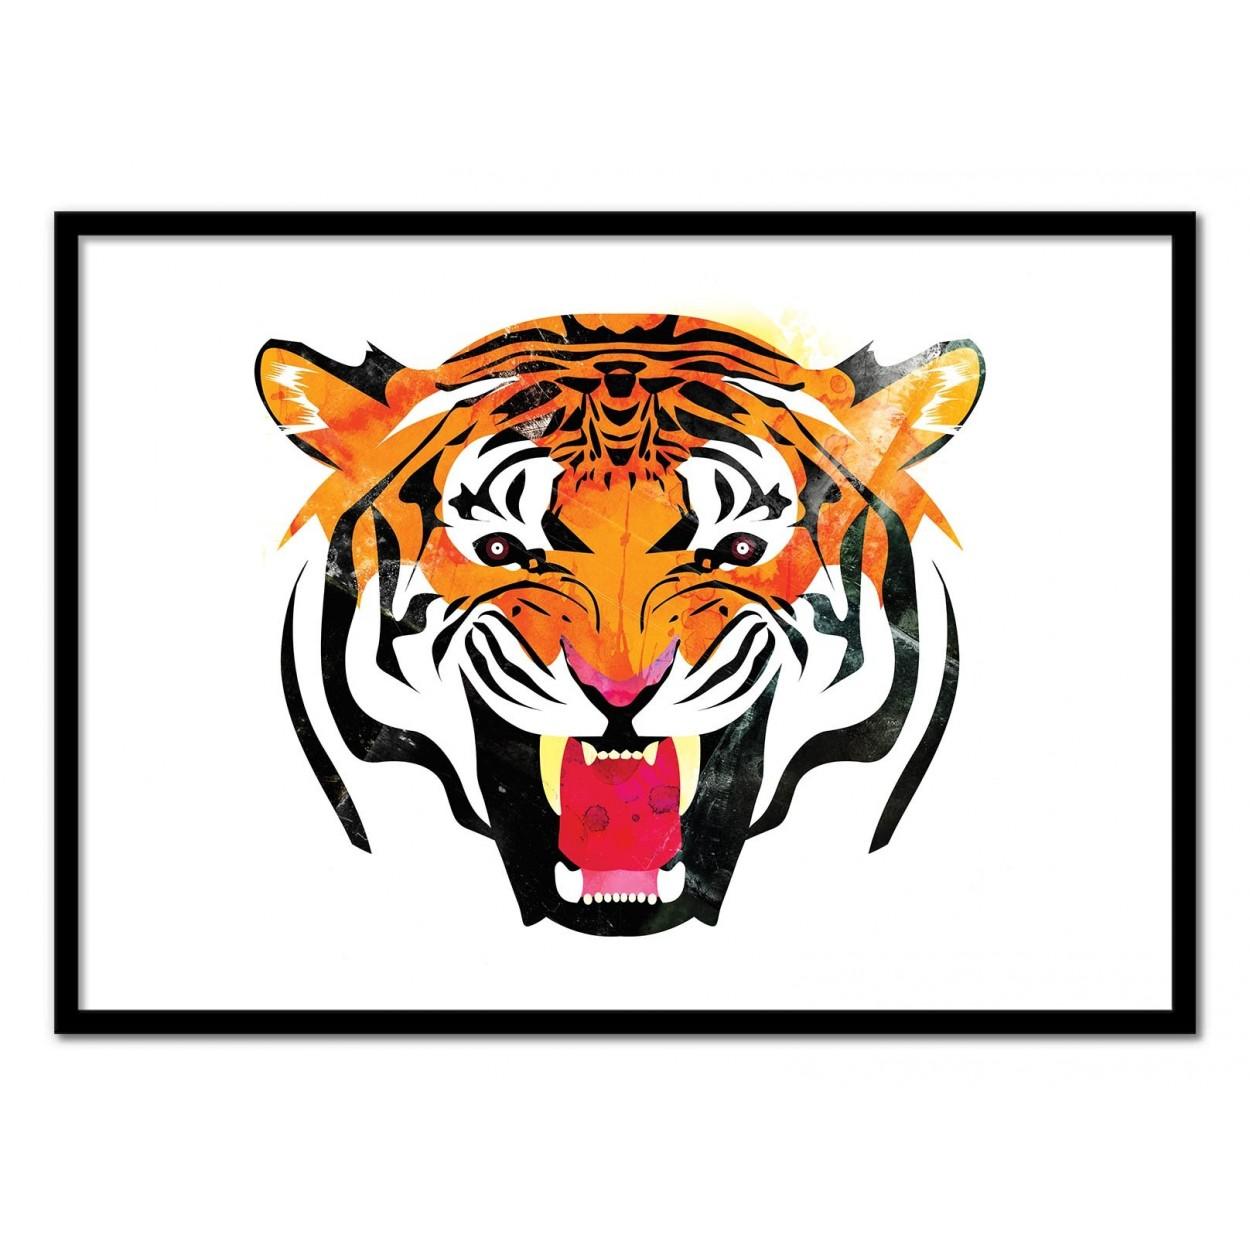 affiche d 39 art poster illustration portrait tigre animal. Black Bedroom Furniture Sets. Home Design Ideas